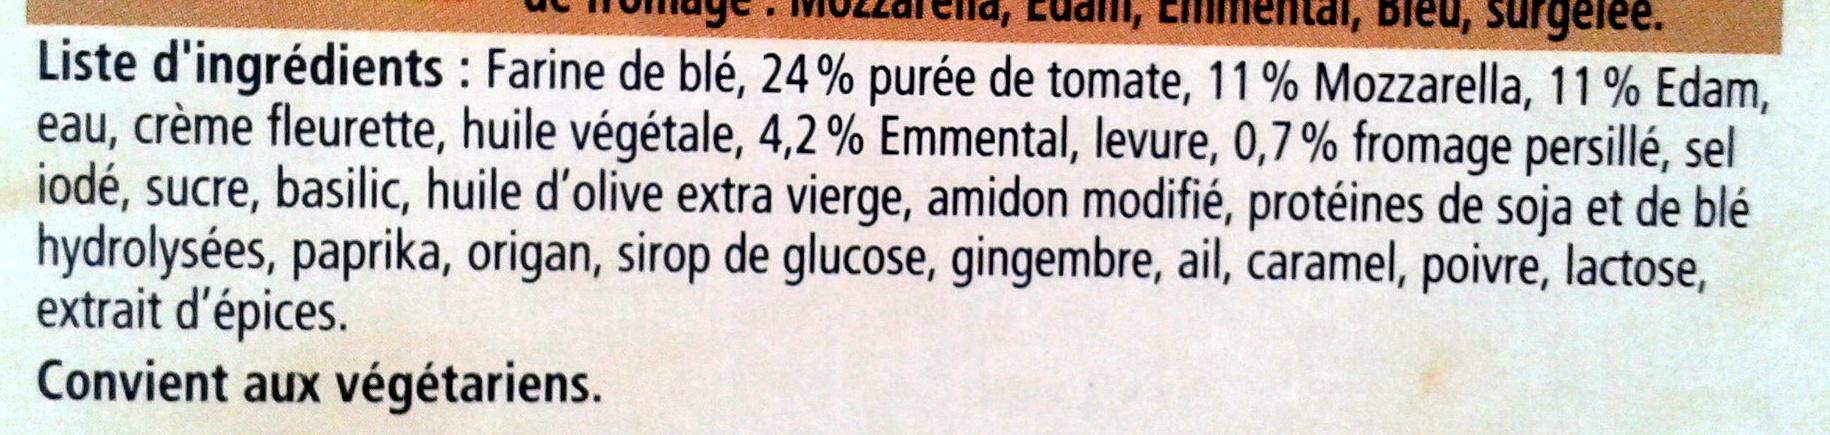 Ristorante pizza quattro fromaggi - Ingrédients